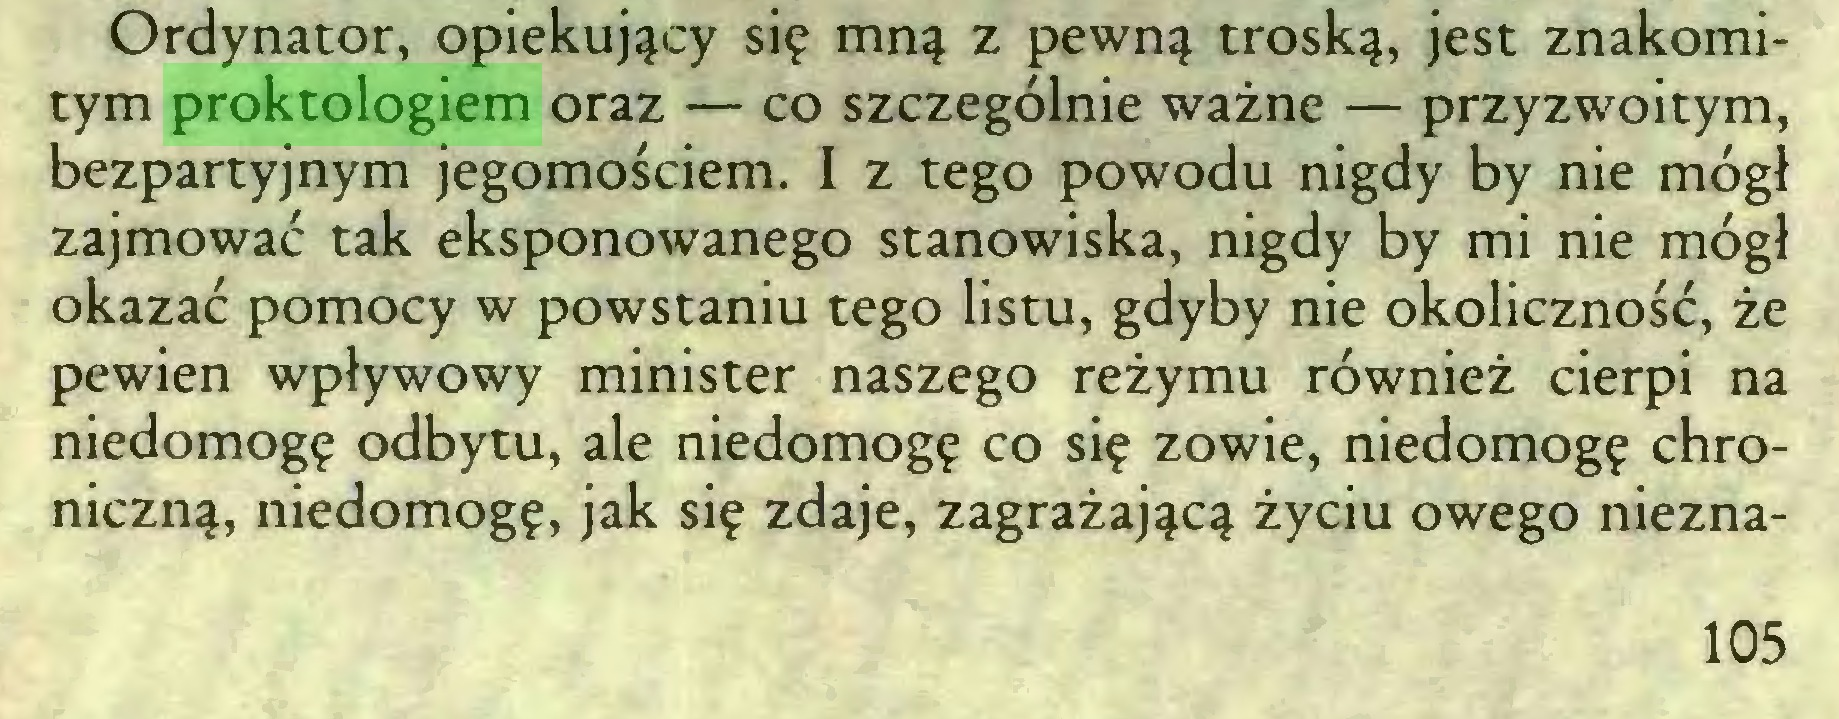 (...) Ordynator, opiekujący się mną z pewną troską, jest znakomitym proktologiem oraz — co szczególnie ważne — przyzwoitym, bezpartyjnym jegomościem. I z tego powodu nigdy by nie mógł zajmować tak eksponowanego stanowiska, nigdy by mi nie mógł okazać pomocy w powstaniu tego listu, gdyby nie okoliczność, że pewien wpływowy minister naszego reżymu również cierpi na niedomogę odbytu, ale niedomogę co się zowie, niedomogę chroniczną, niedomogę, jak się zdaje, zagrażającą życiu owego niezna105...